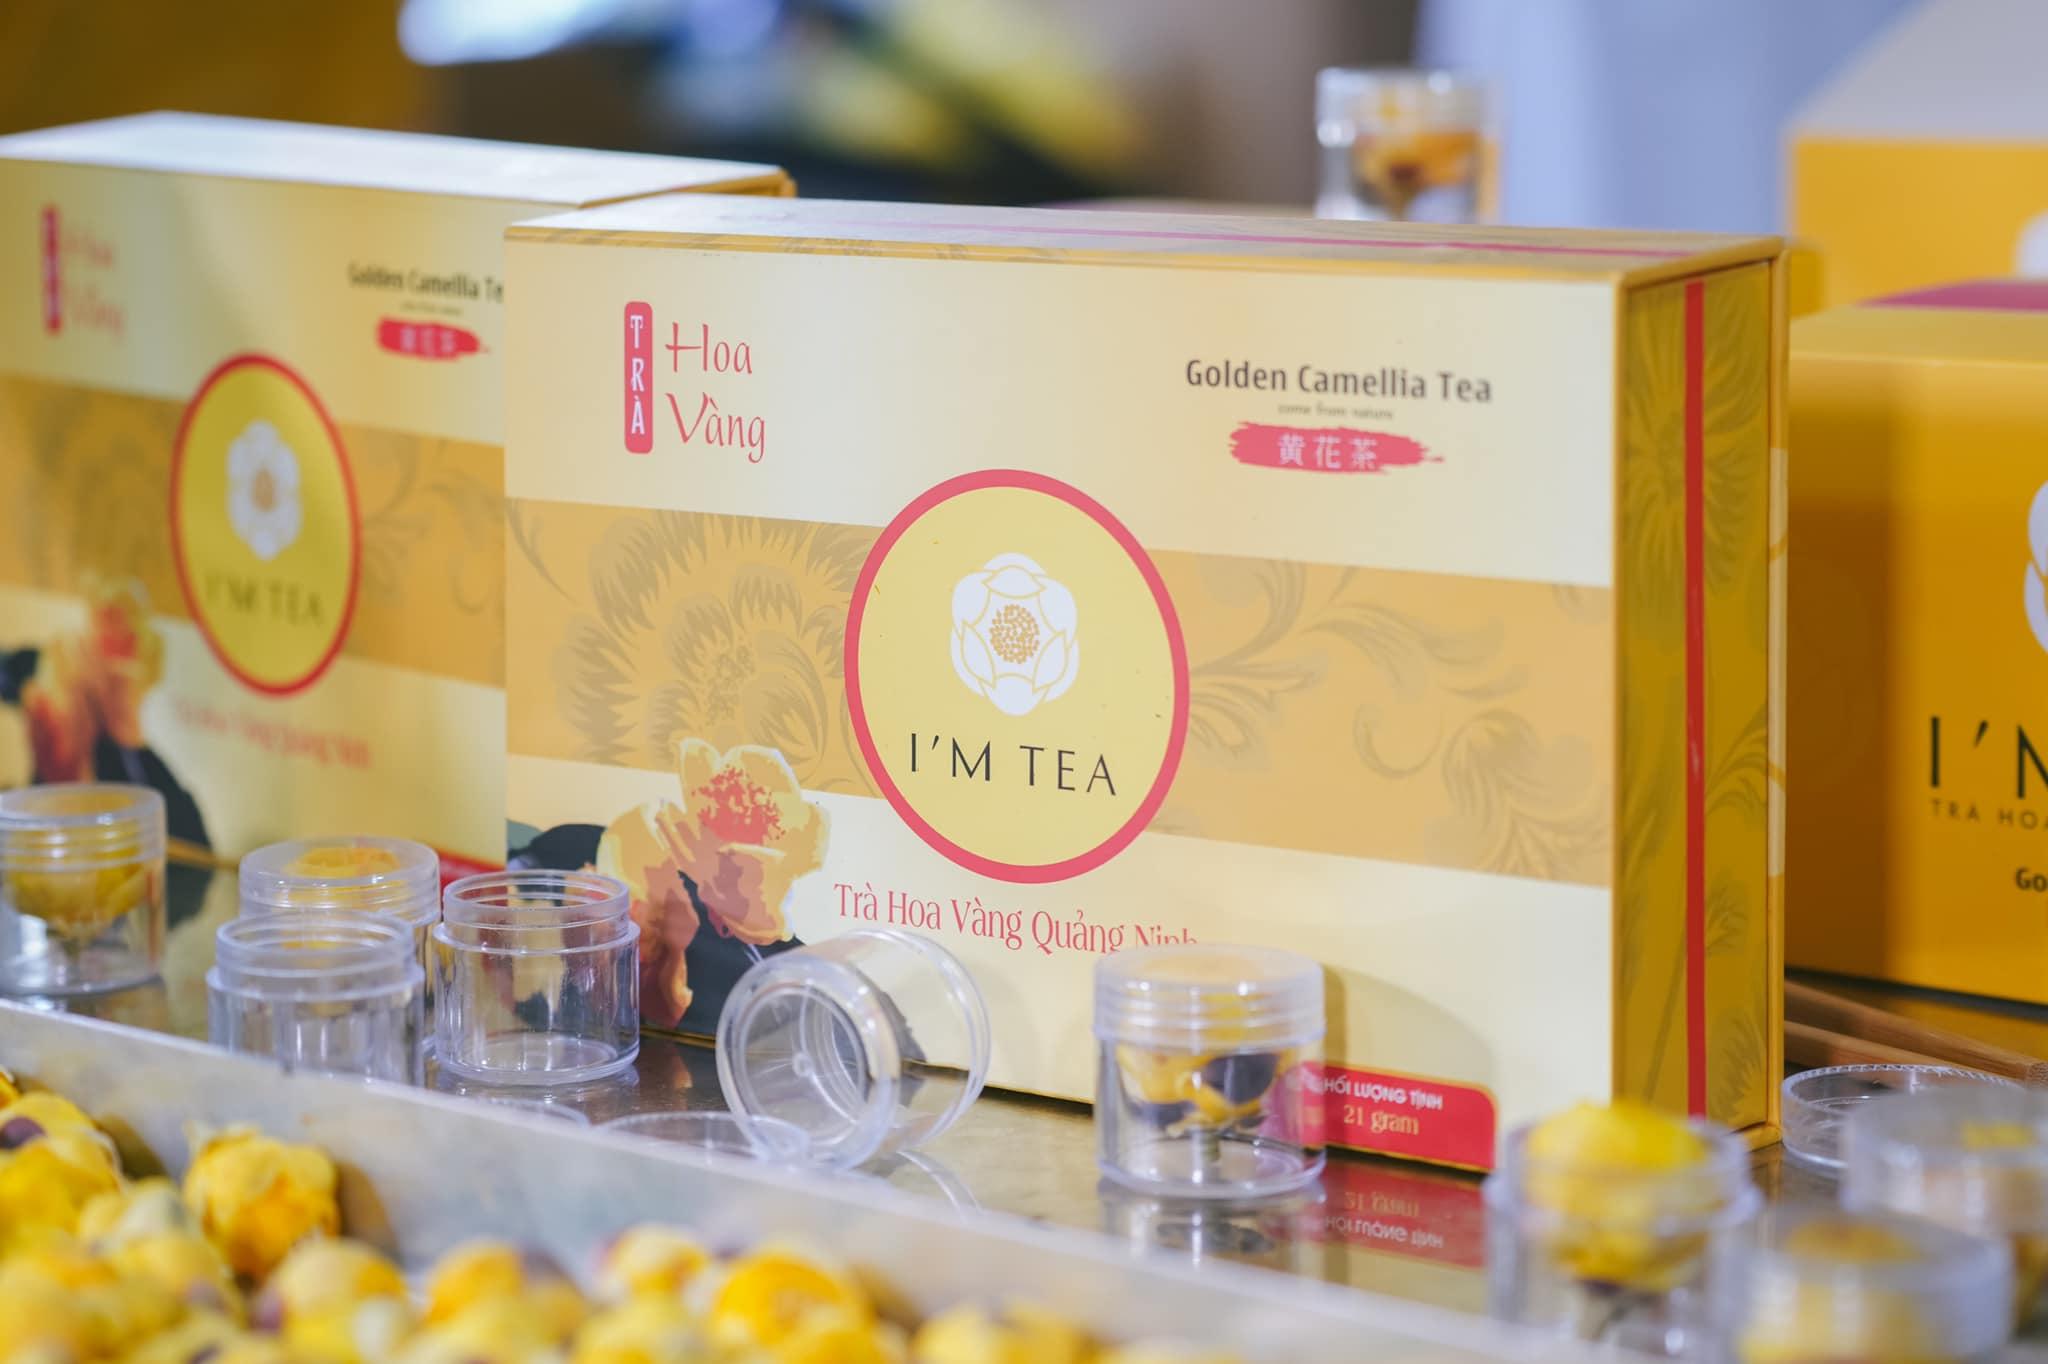 Thiết kế bao bì sản phẩm trà hoa vàng Quảng Ninh